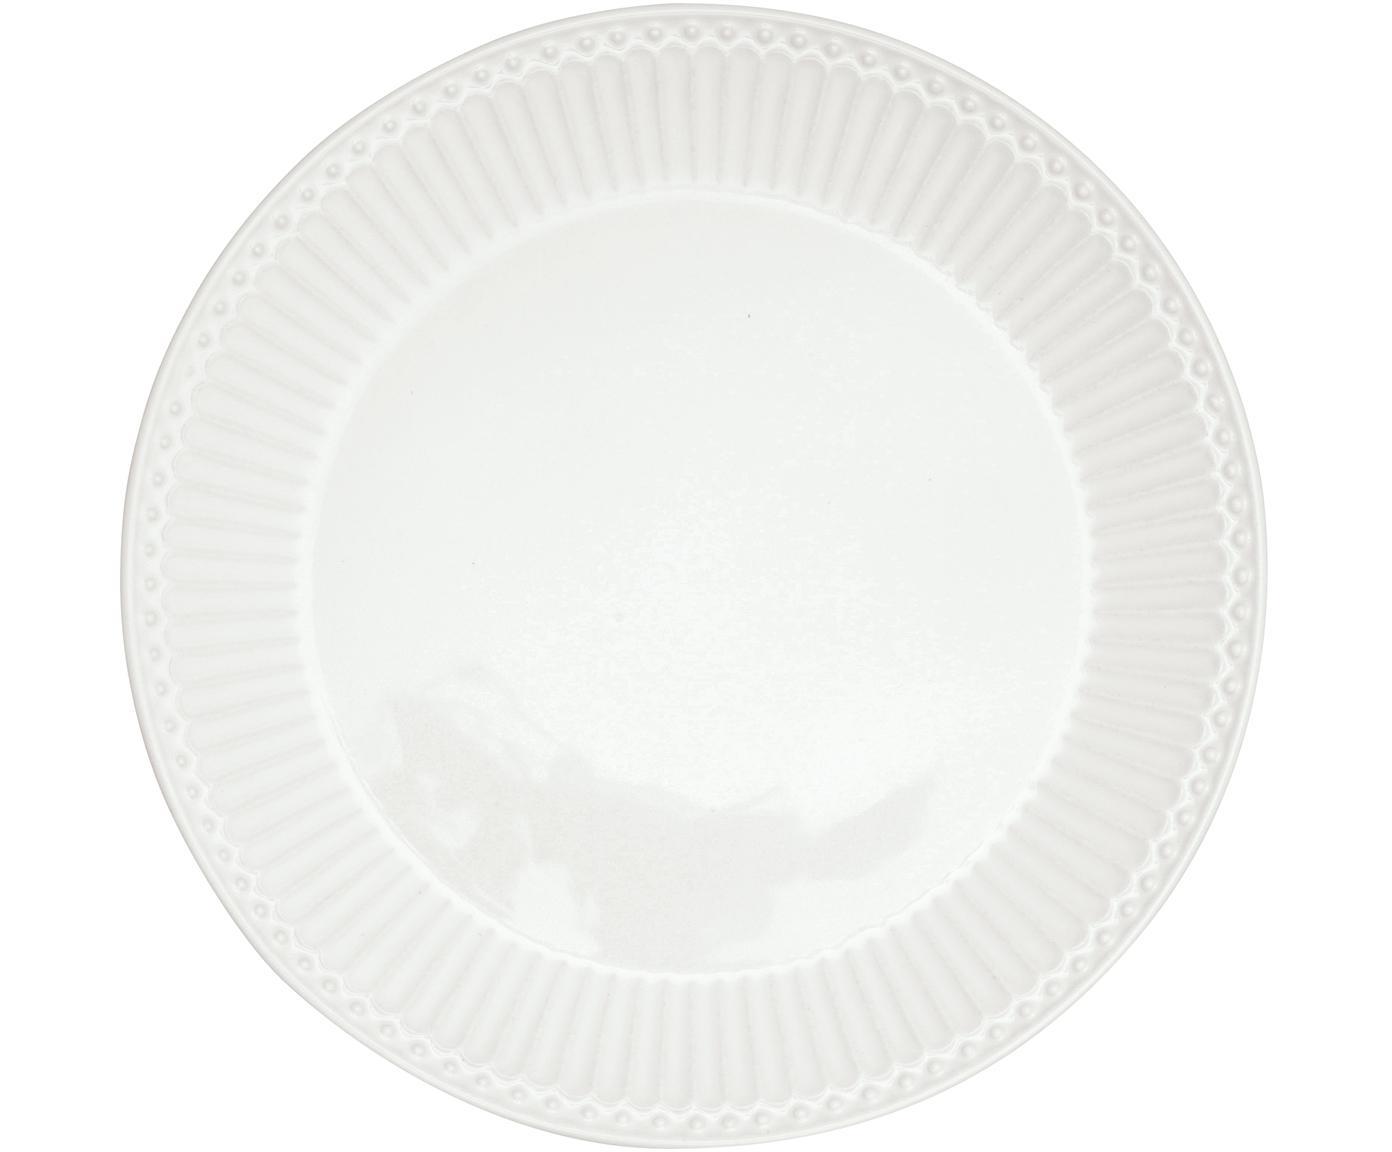 Piatto da colazione Alice 2 pz, Porcellana, Bianco, Ø 23 cm